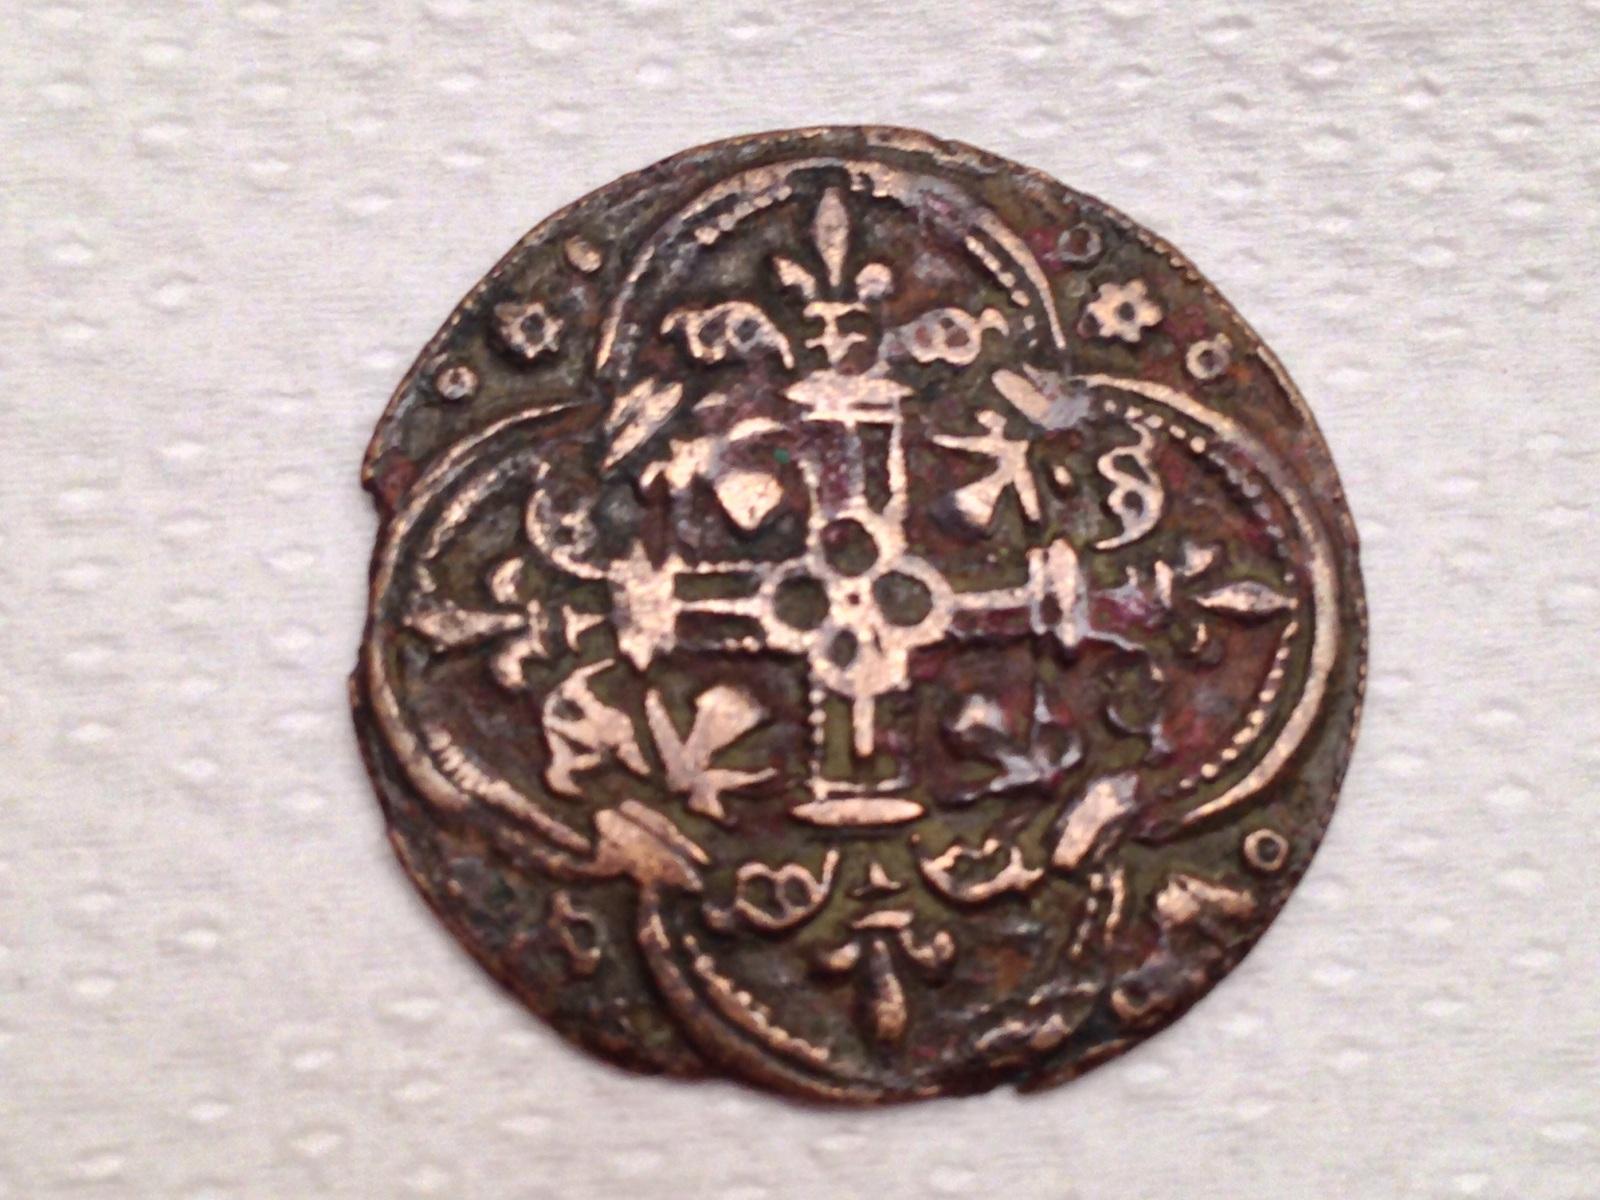 Jetón francés. siglo XV. AVE MARIA GRATIA 1hrzhh